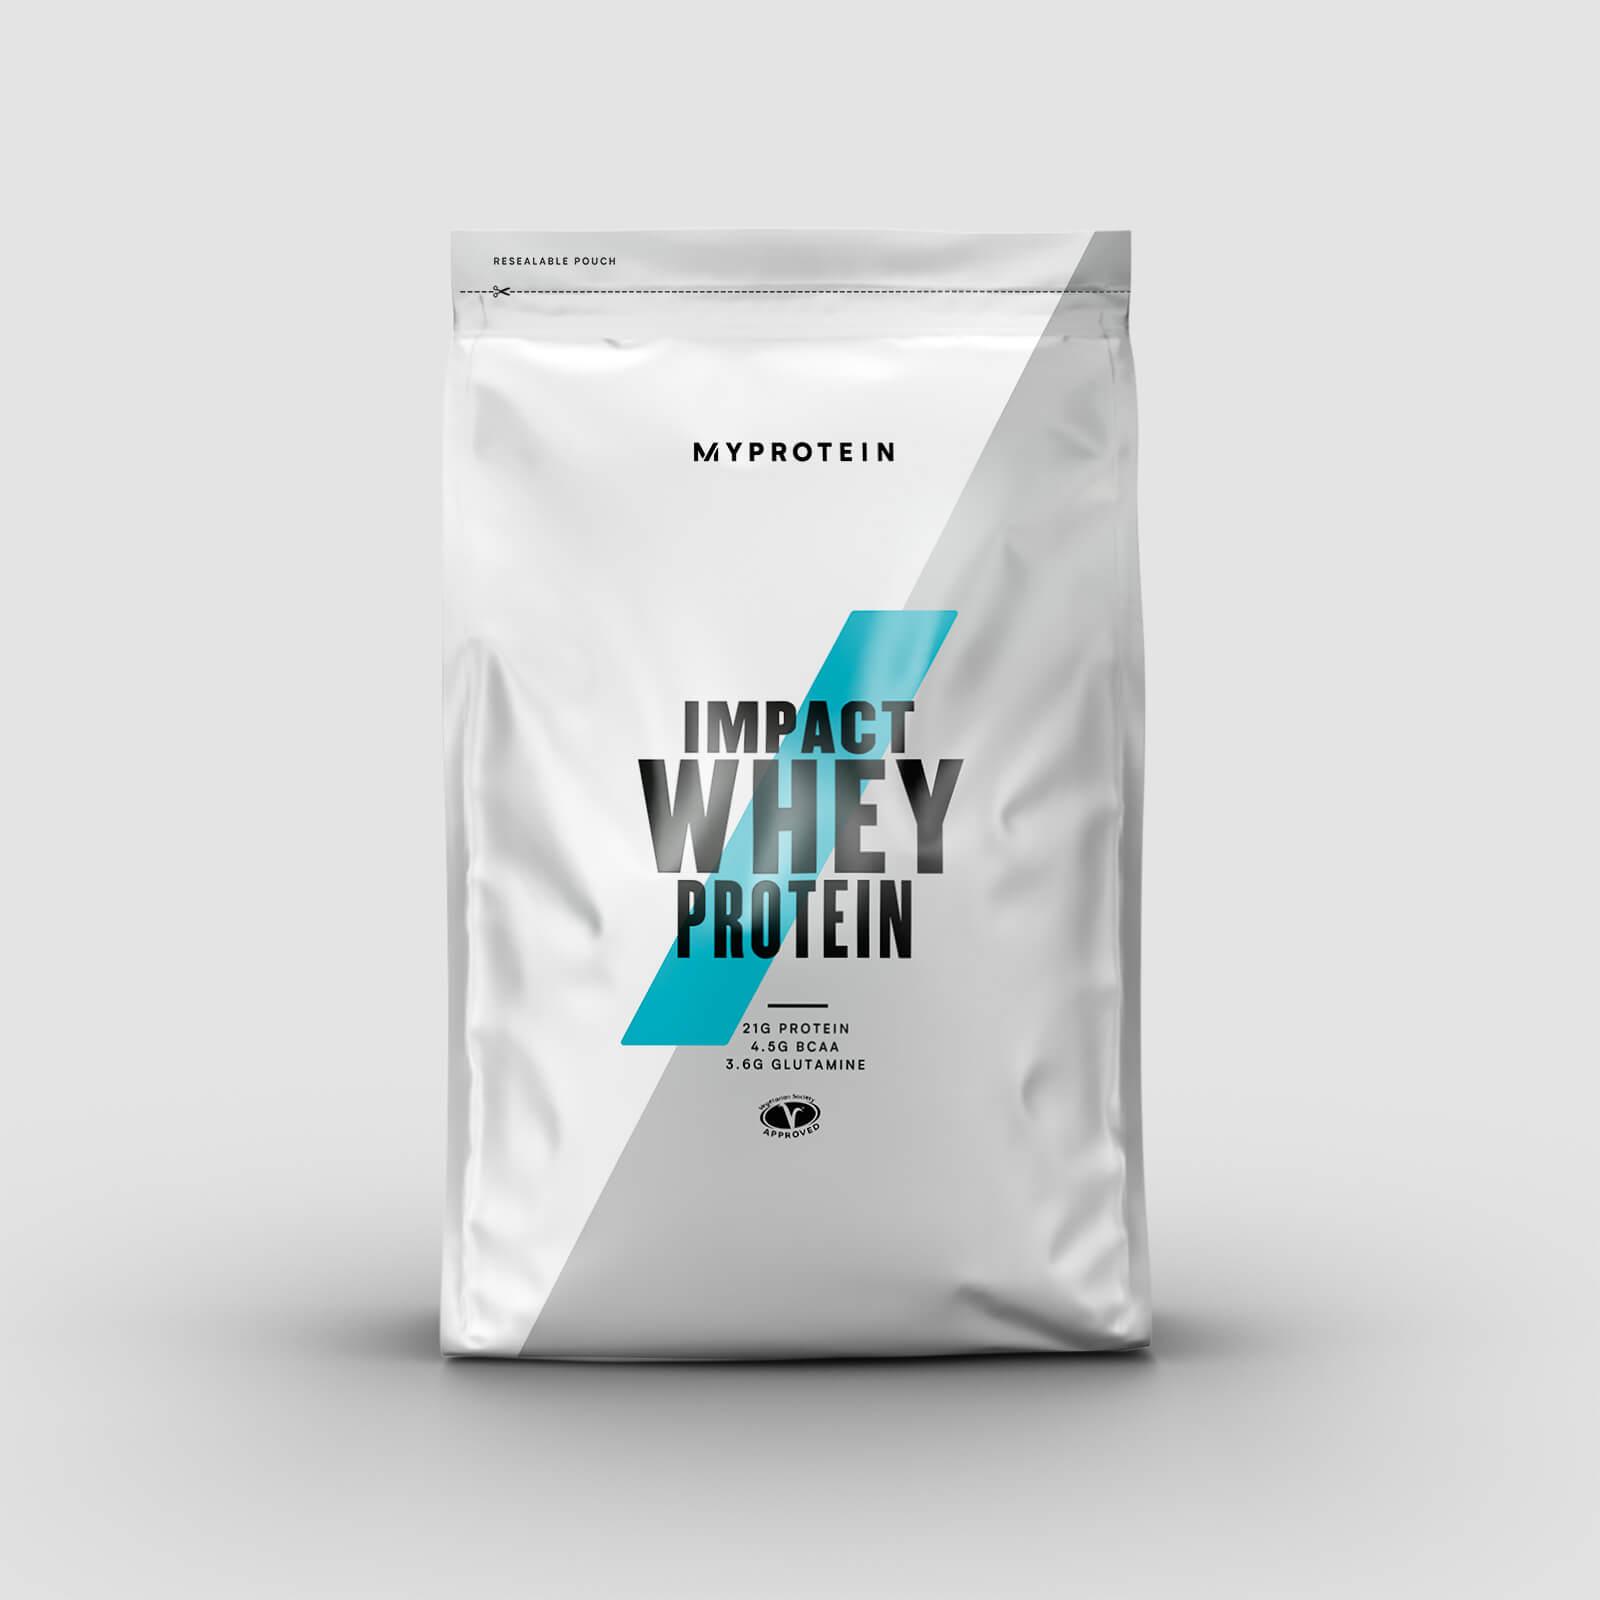 Myprotein Impact Whey Protein - 2.5kg - Vanille